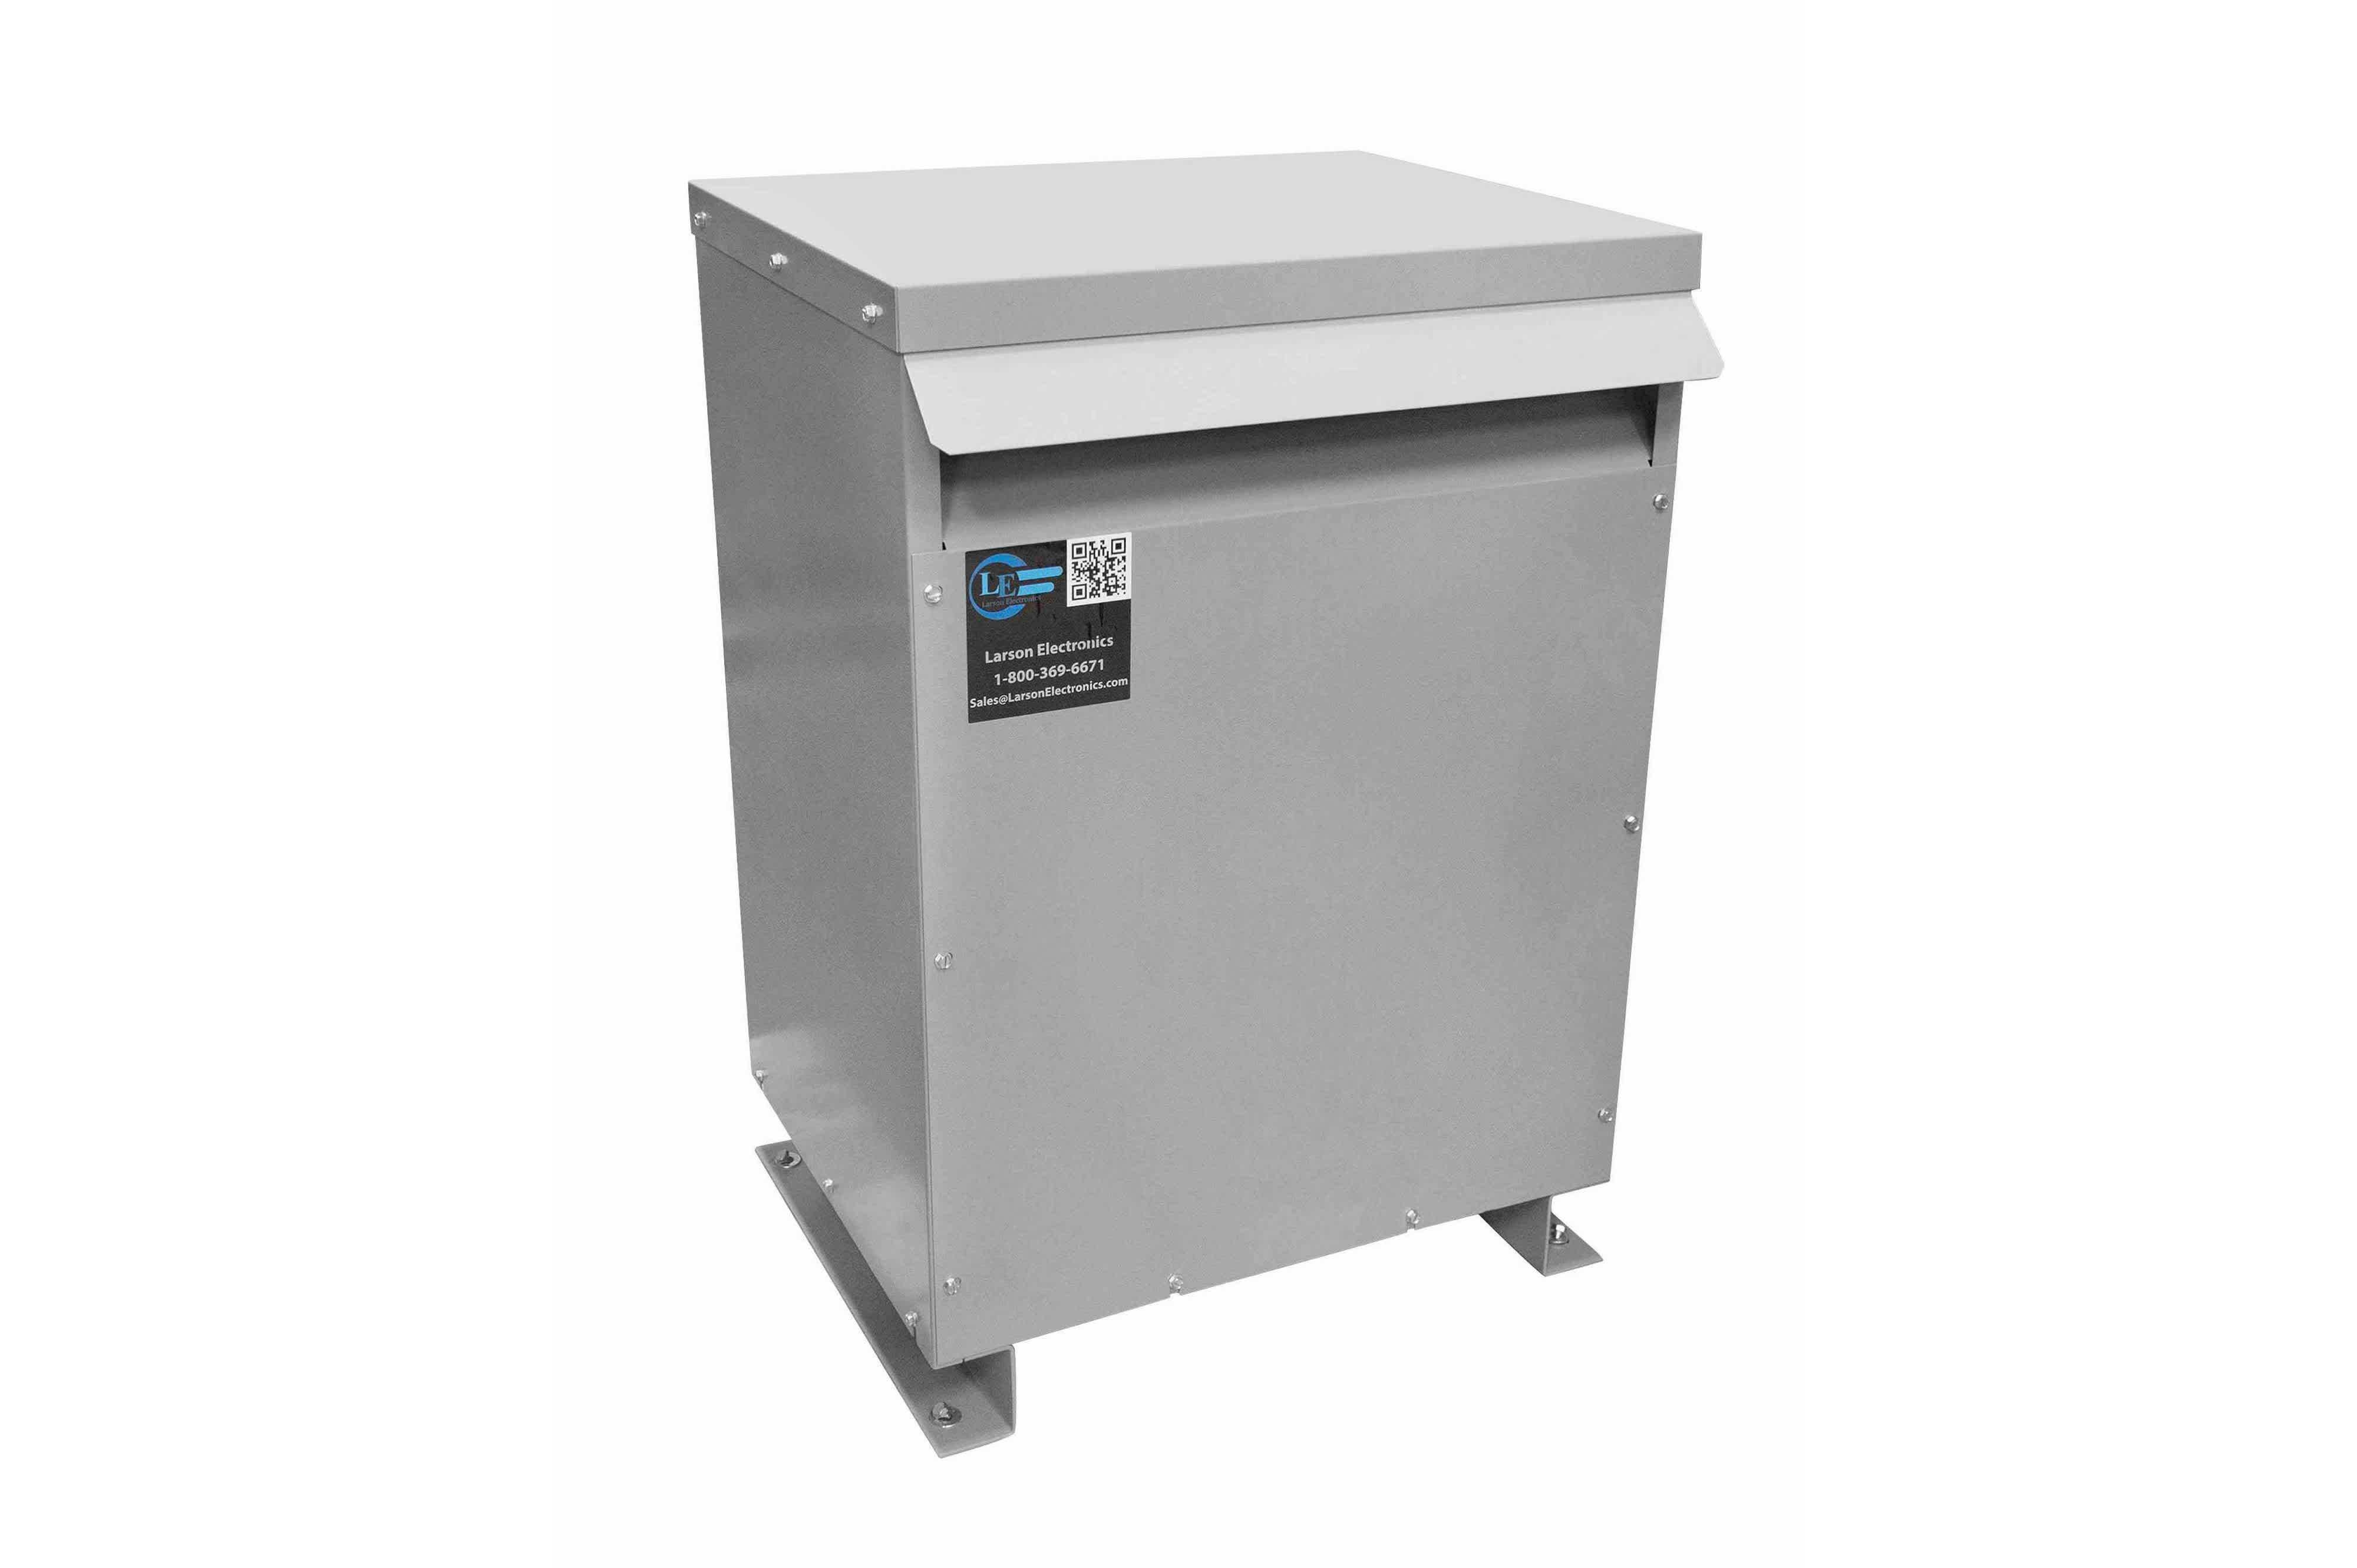 125 kVA 3PH Isolation Transformer, 480V Delta Primary, 600V Delta Secondary, N3R, Ventilated, 60 Hz